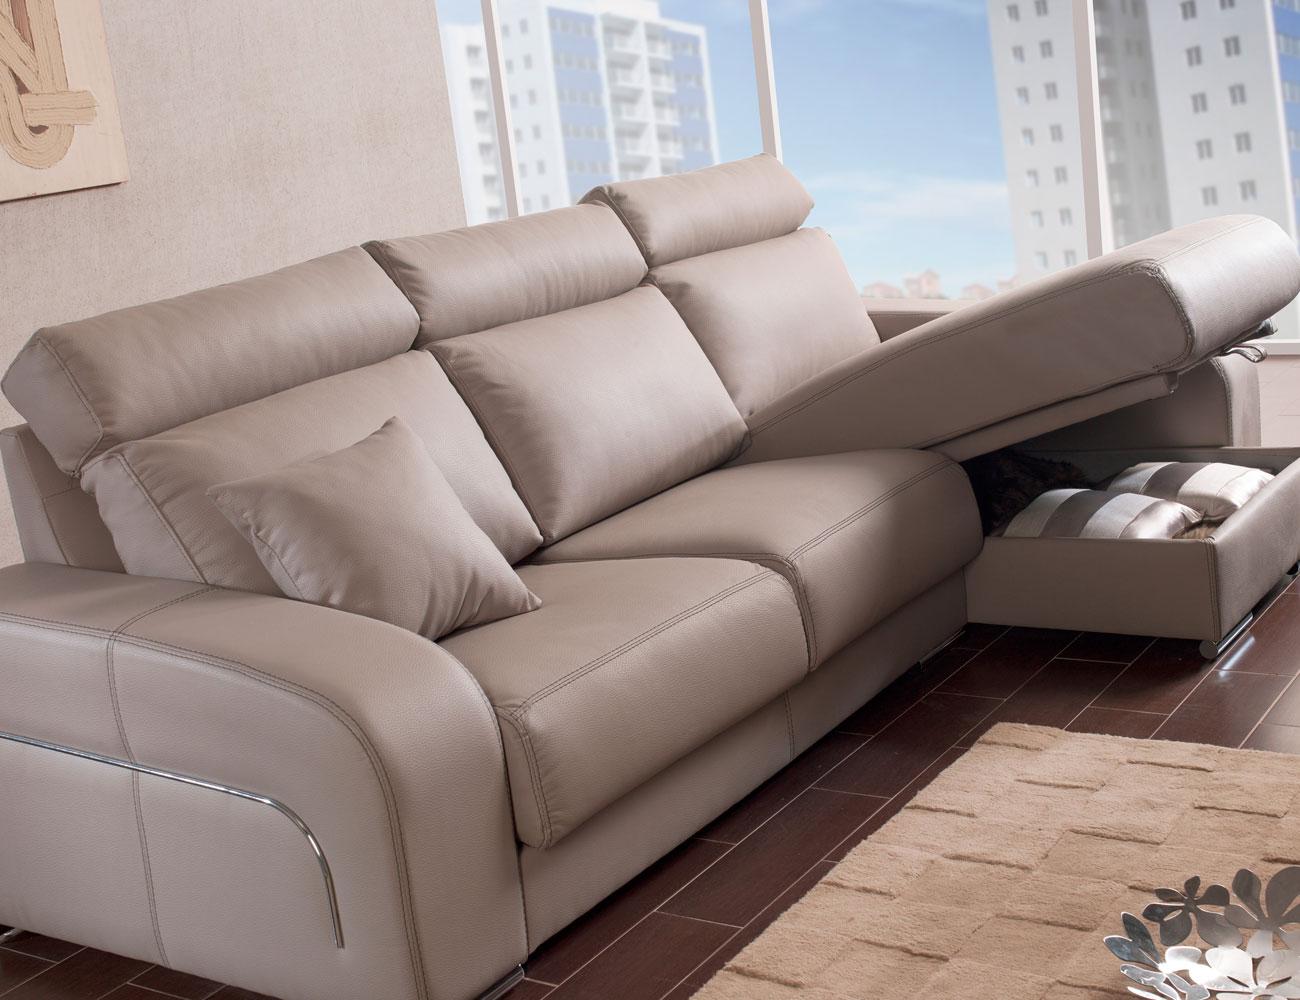 Sofa chaiselongue moderno pared cero arcon68